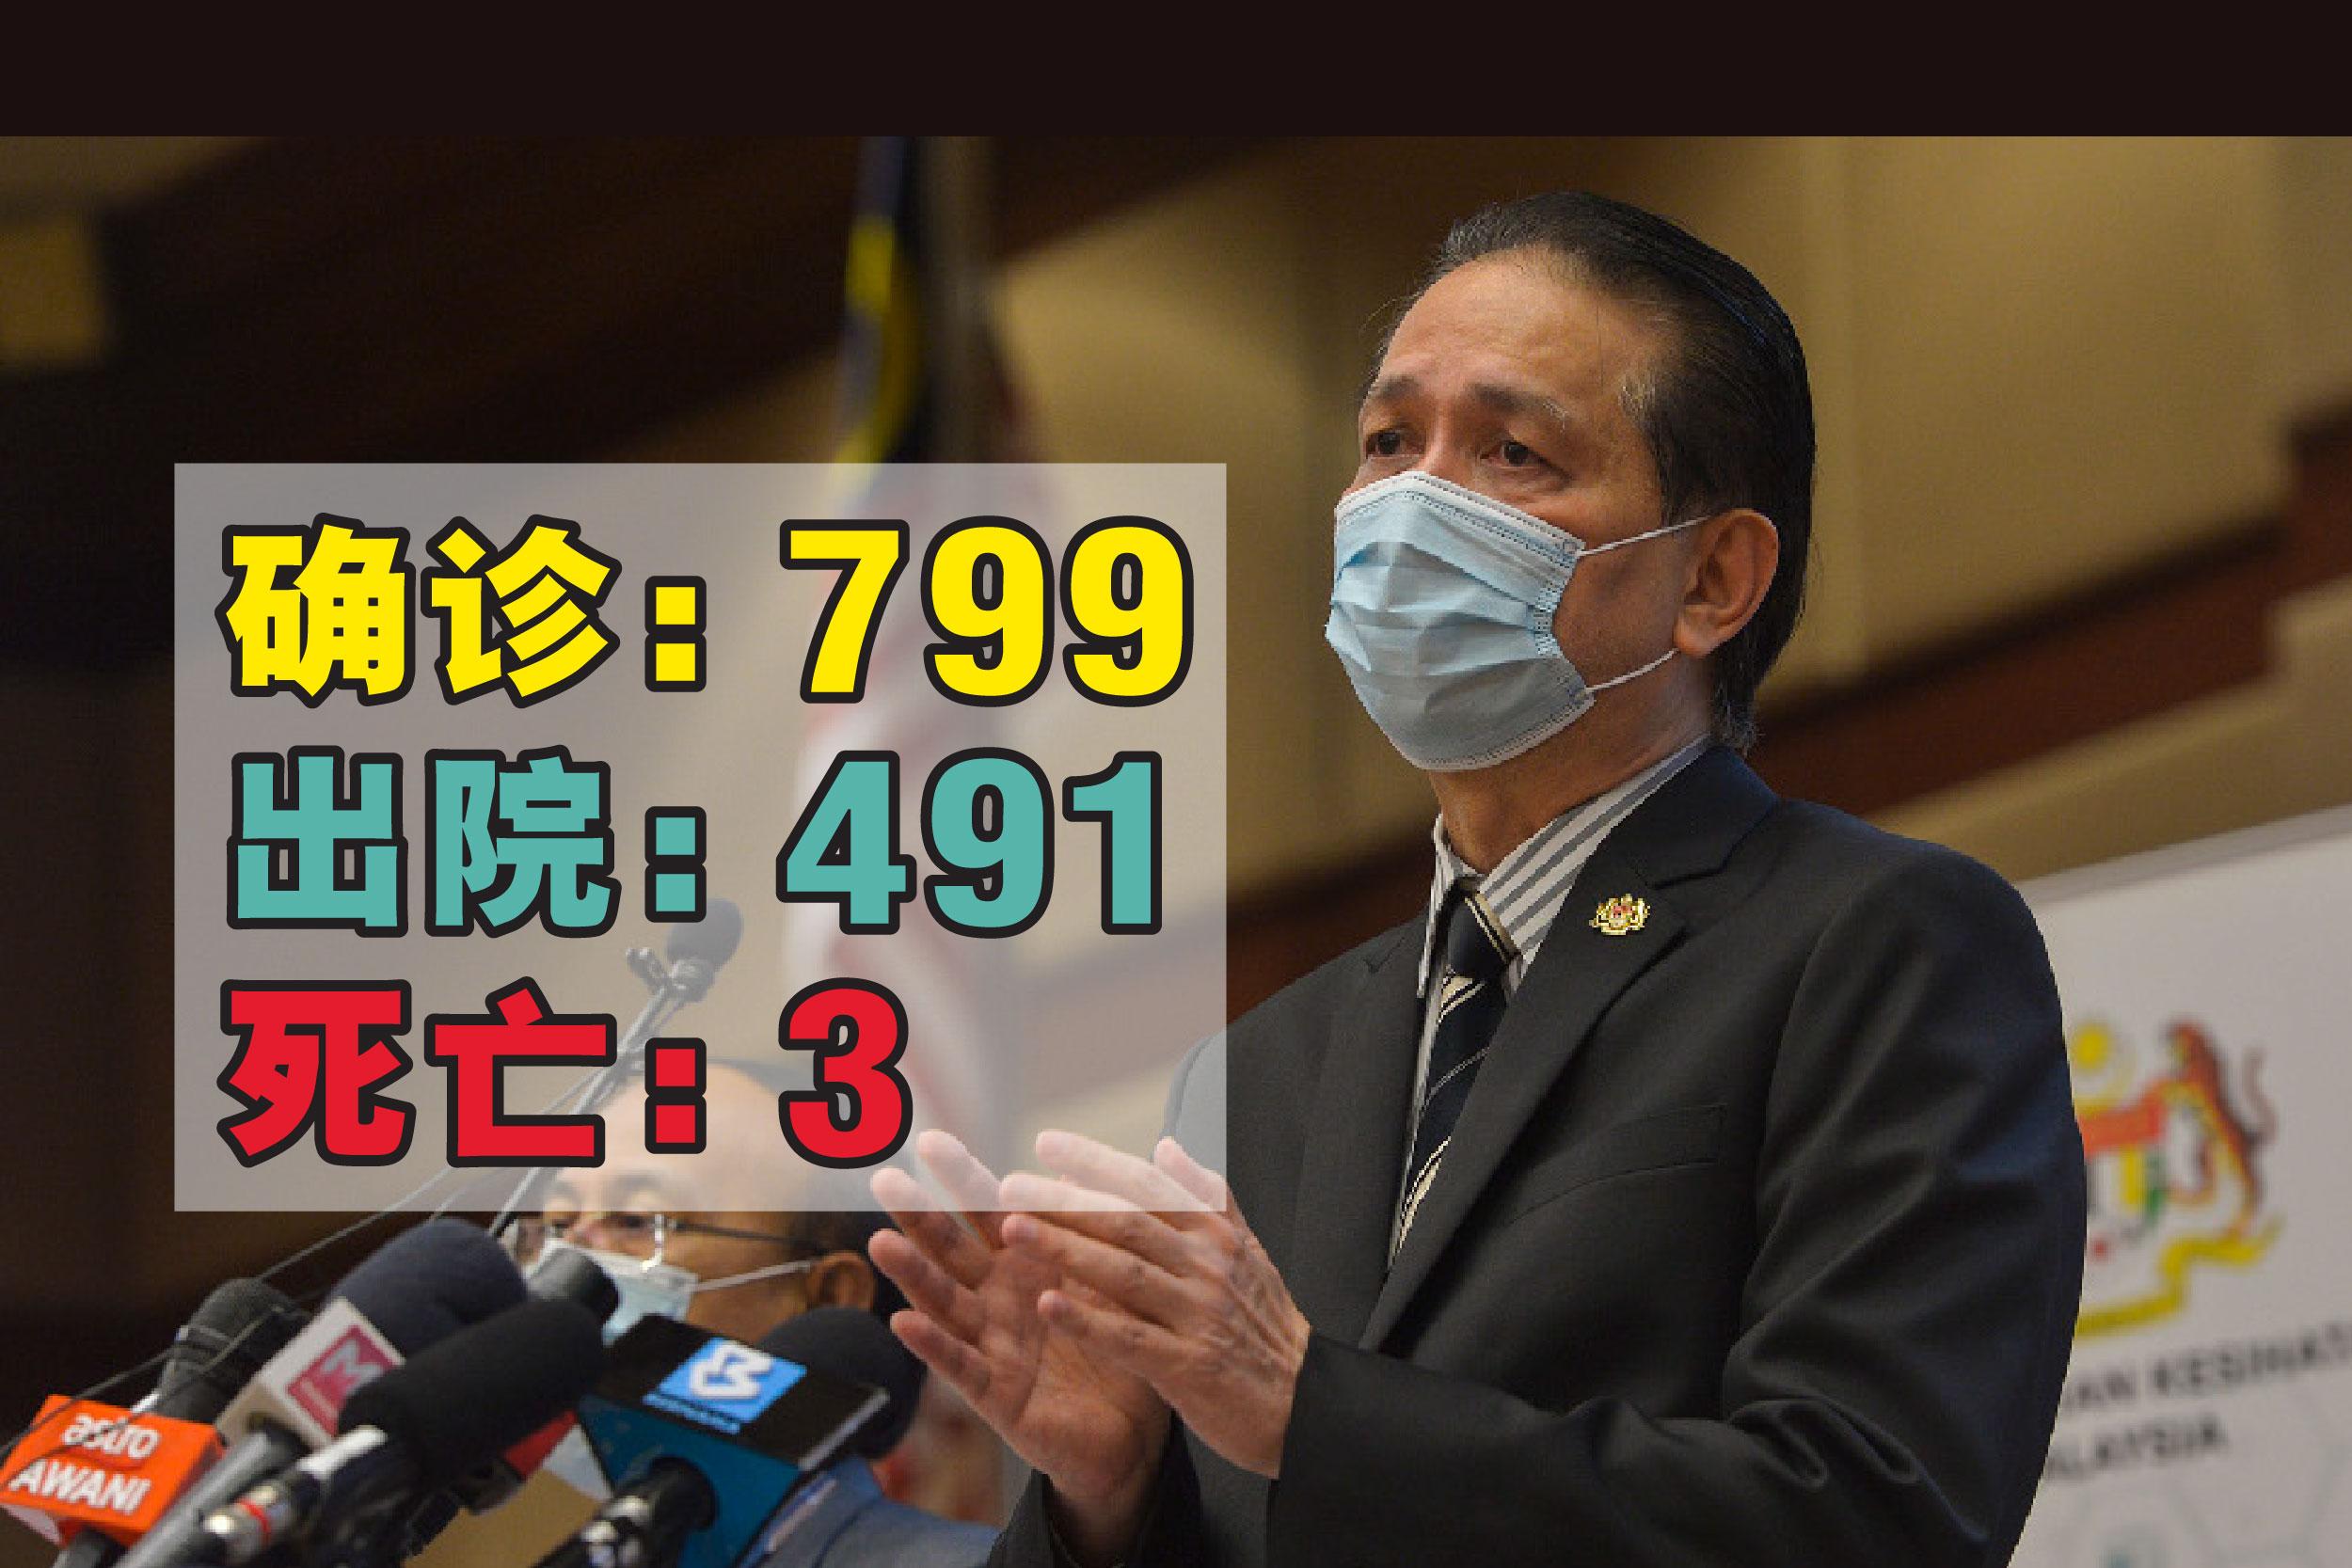 诺希山说,我国新增3宗死亡案例,以致死亡案例推高至249宗。-精彩大马制图-